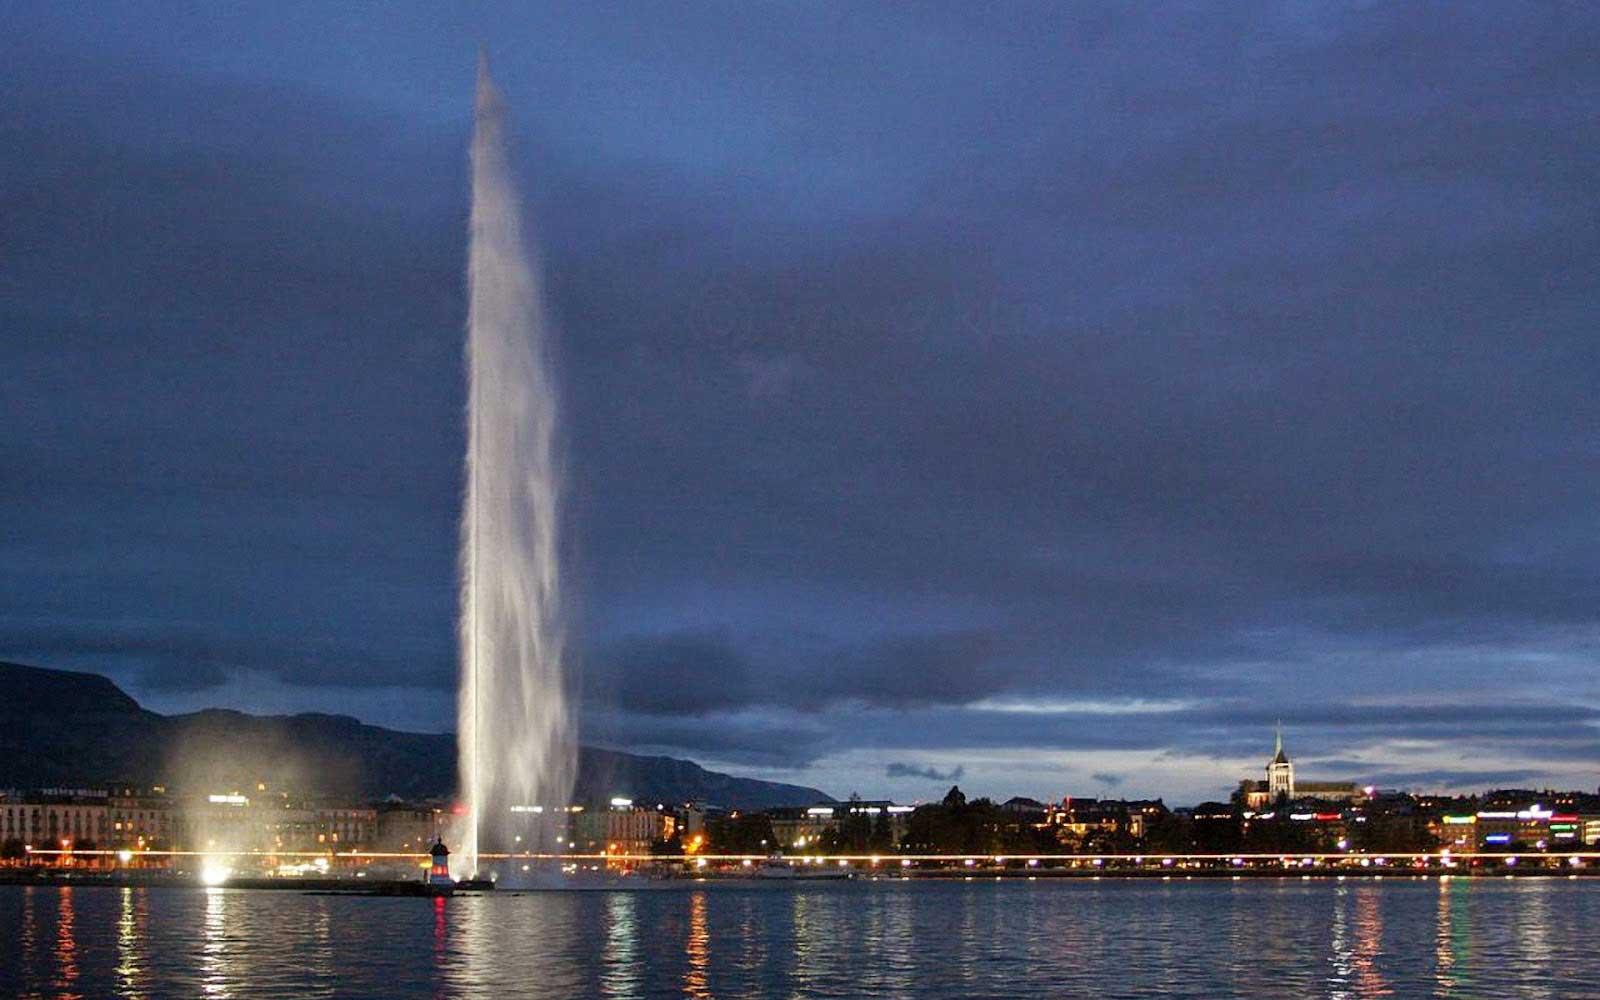 نافورة جنيف - الاماكن السياحية في سويسرا